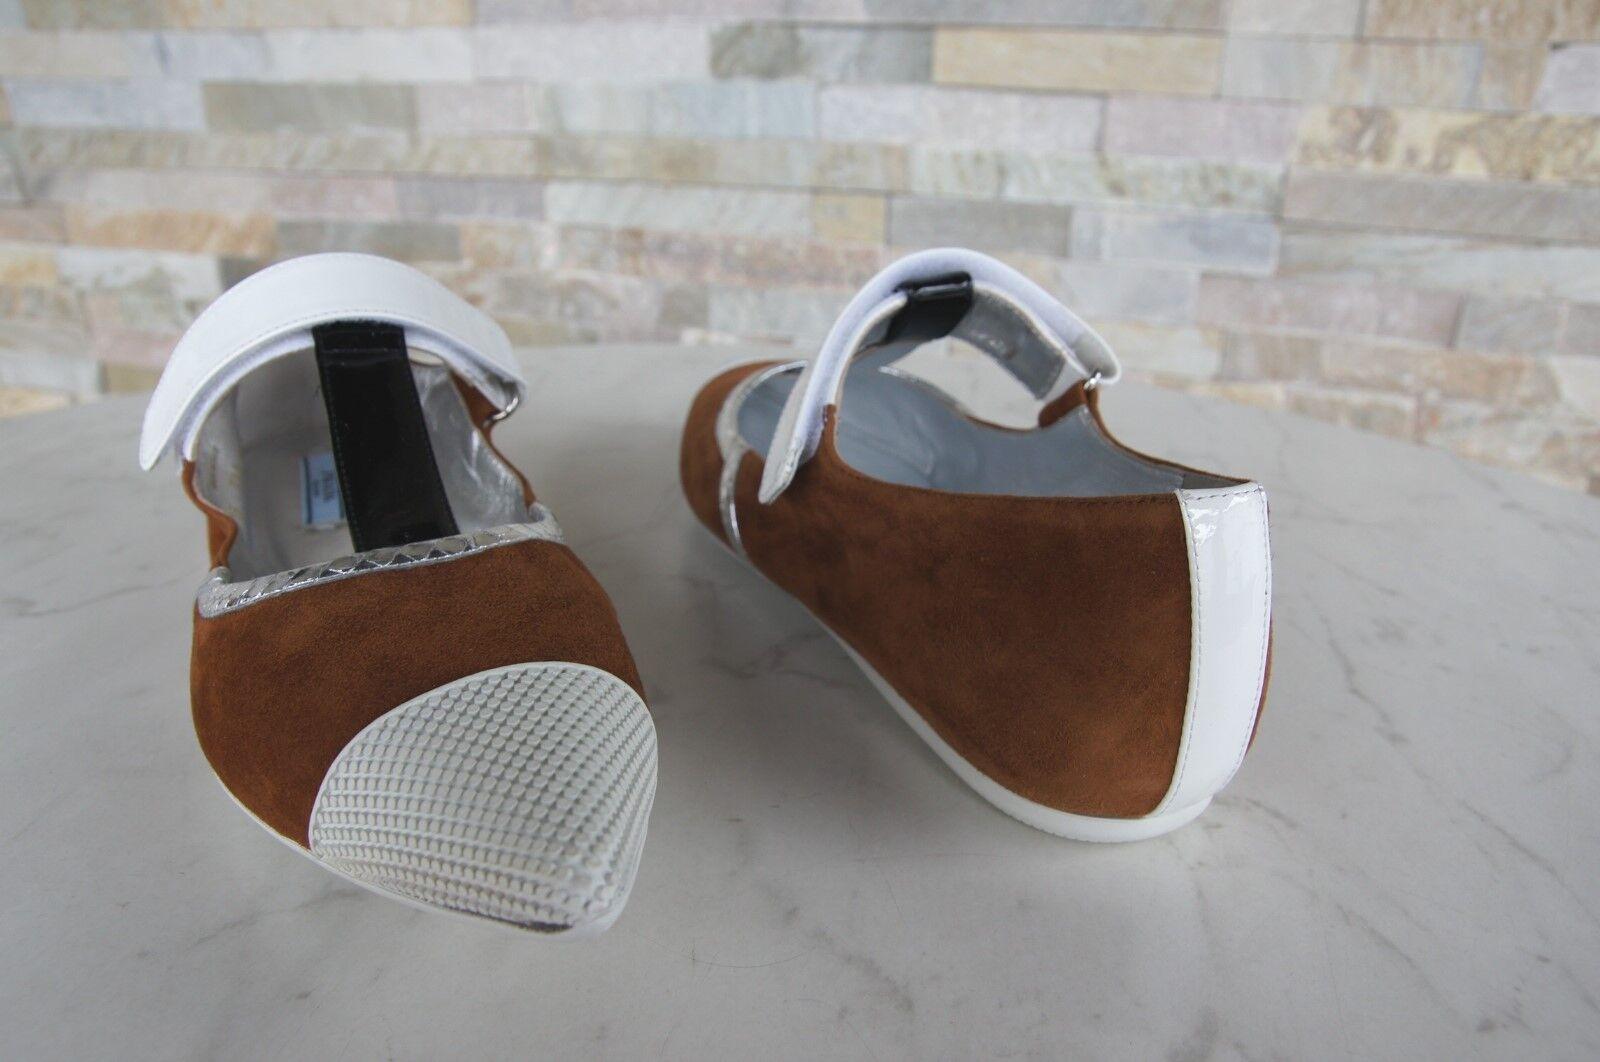 Prada Gr 40 Halbschuhe Ballerinas Slipper Schuhe Schuhe Schuhe braun weiss 1F738G neu 58cbf1